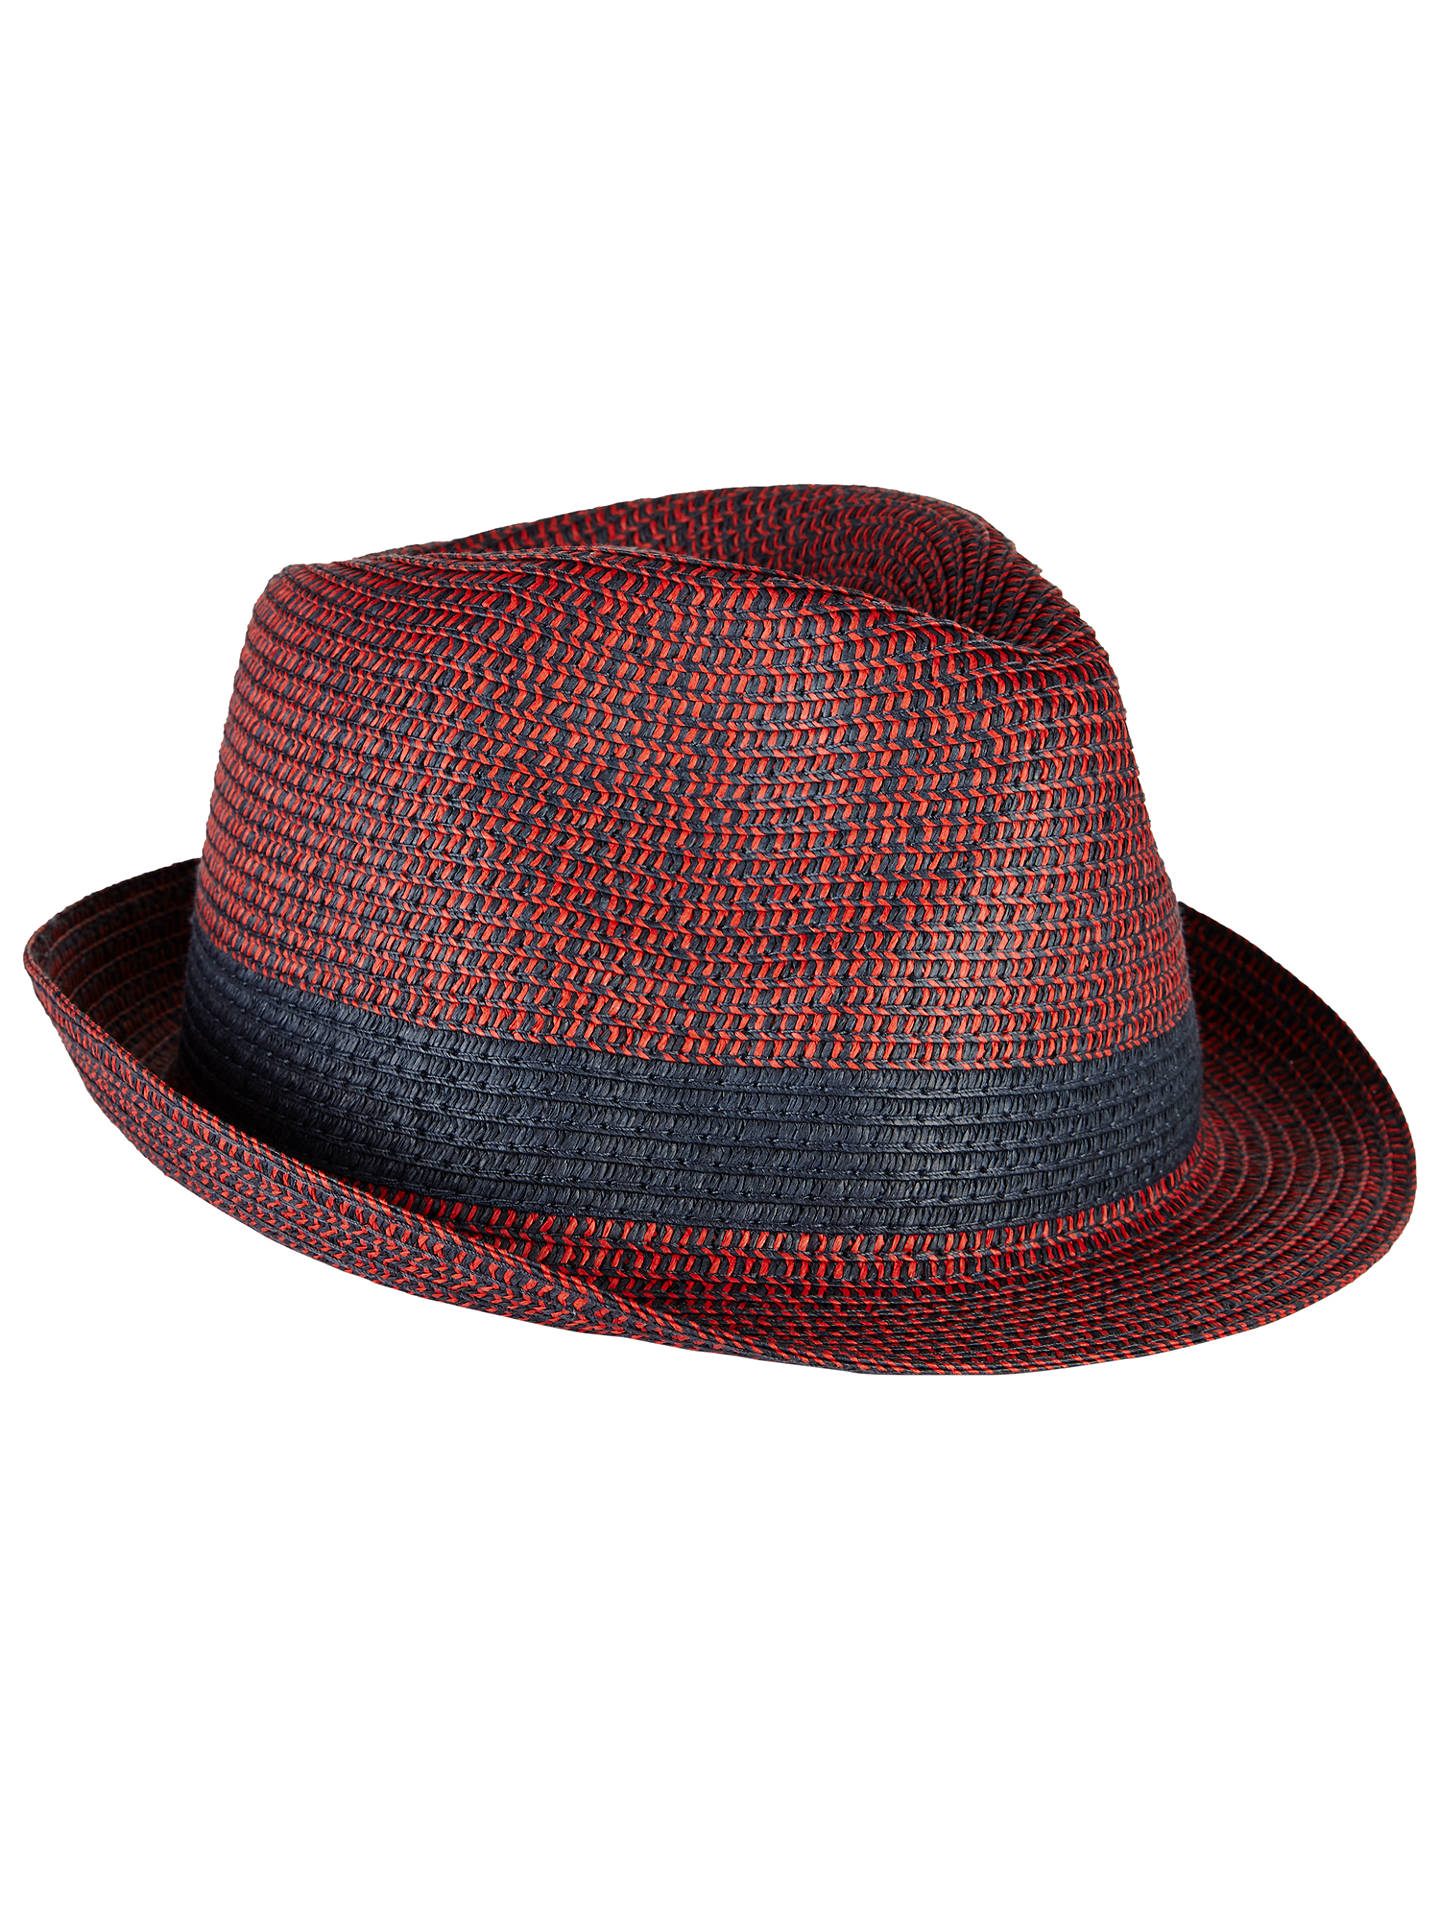 John Lewis Packable Braid Trilby Hat at John Lewis   Partners 7b5c8ef7d95d